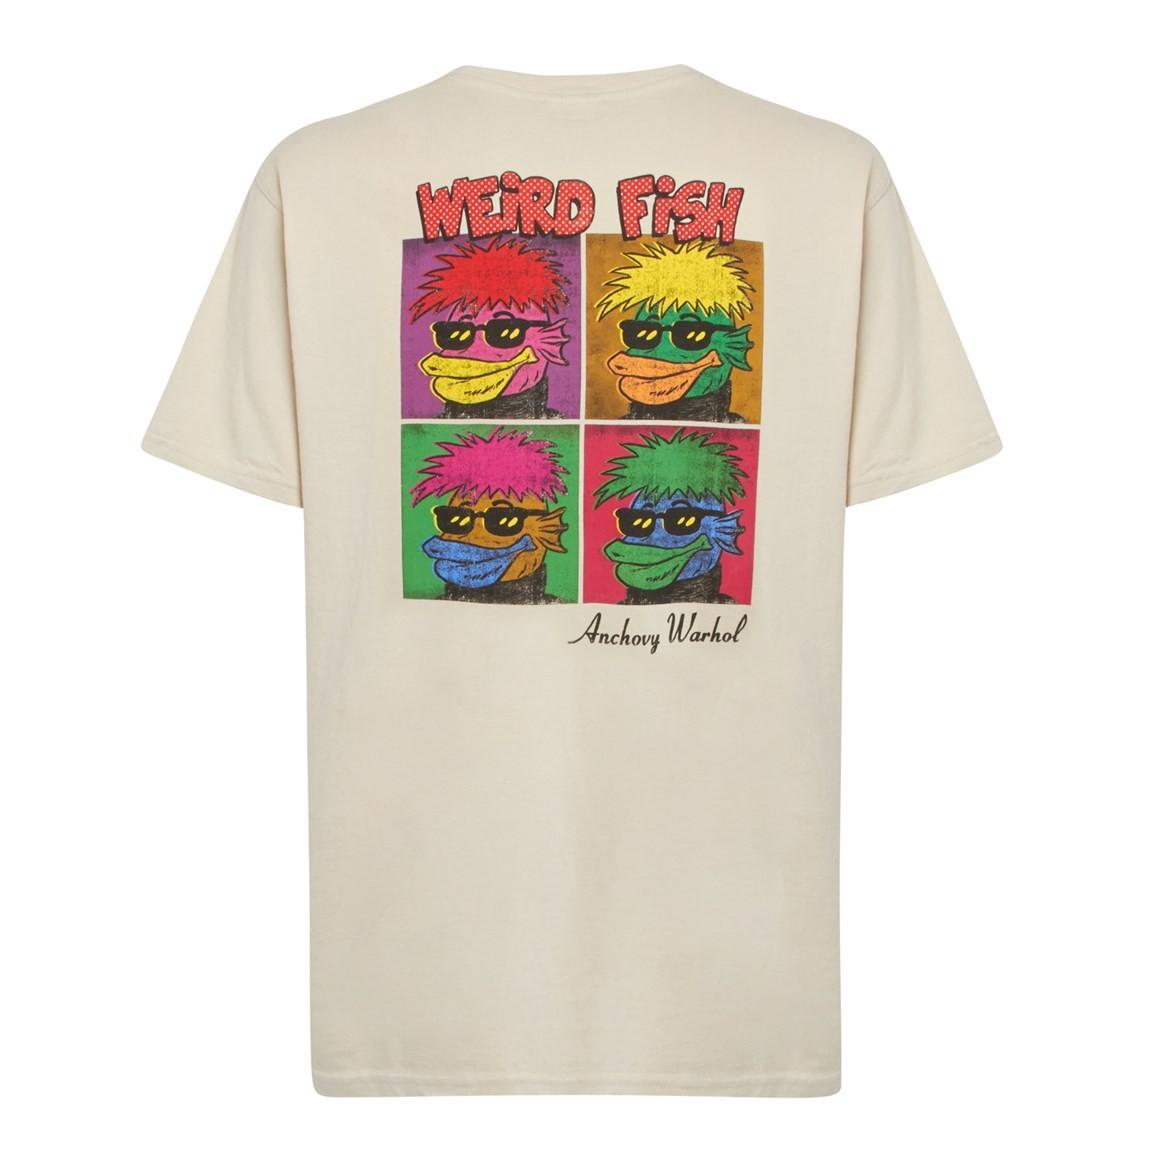 Weird Fish Anchovy Warhol Back Print Artist T-Shirt Oyster Size 2XL